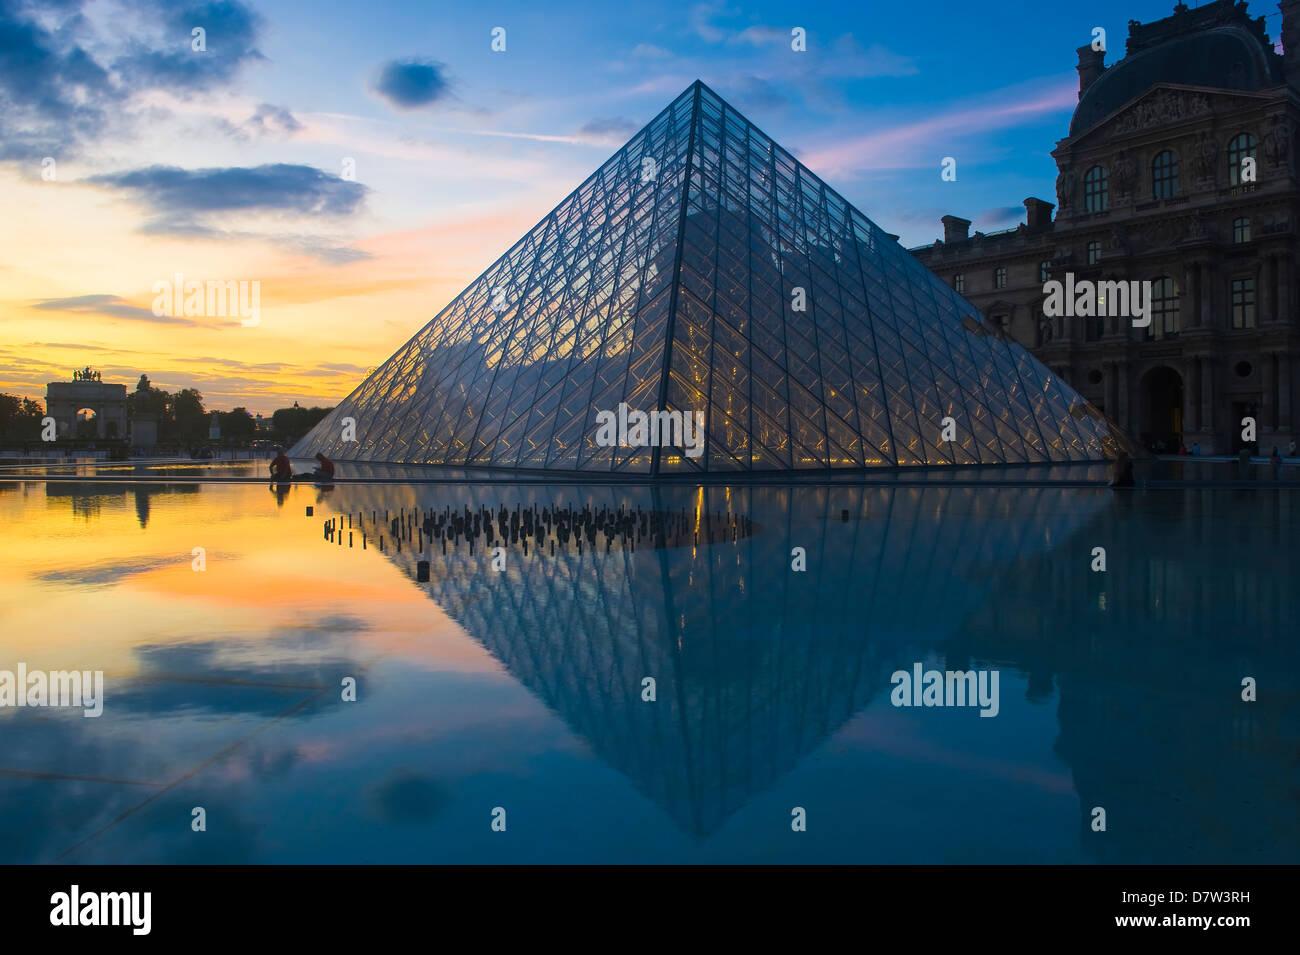 Pyramide du Louvre au coucher du soleil, Paris, France Photo Stock